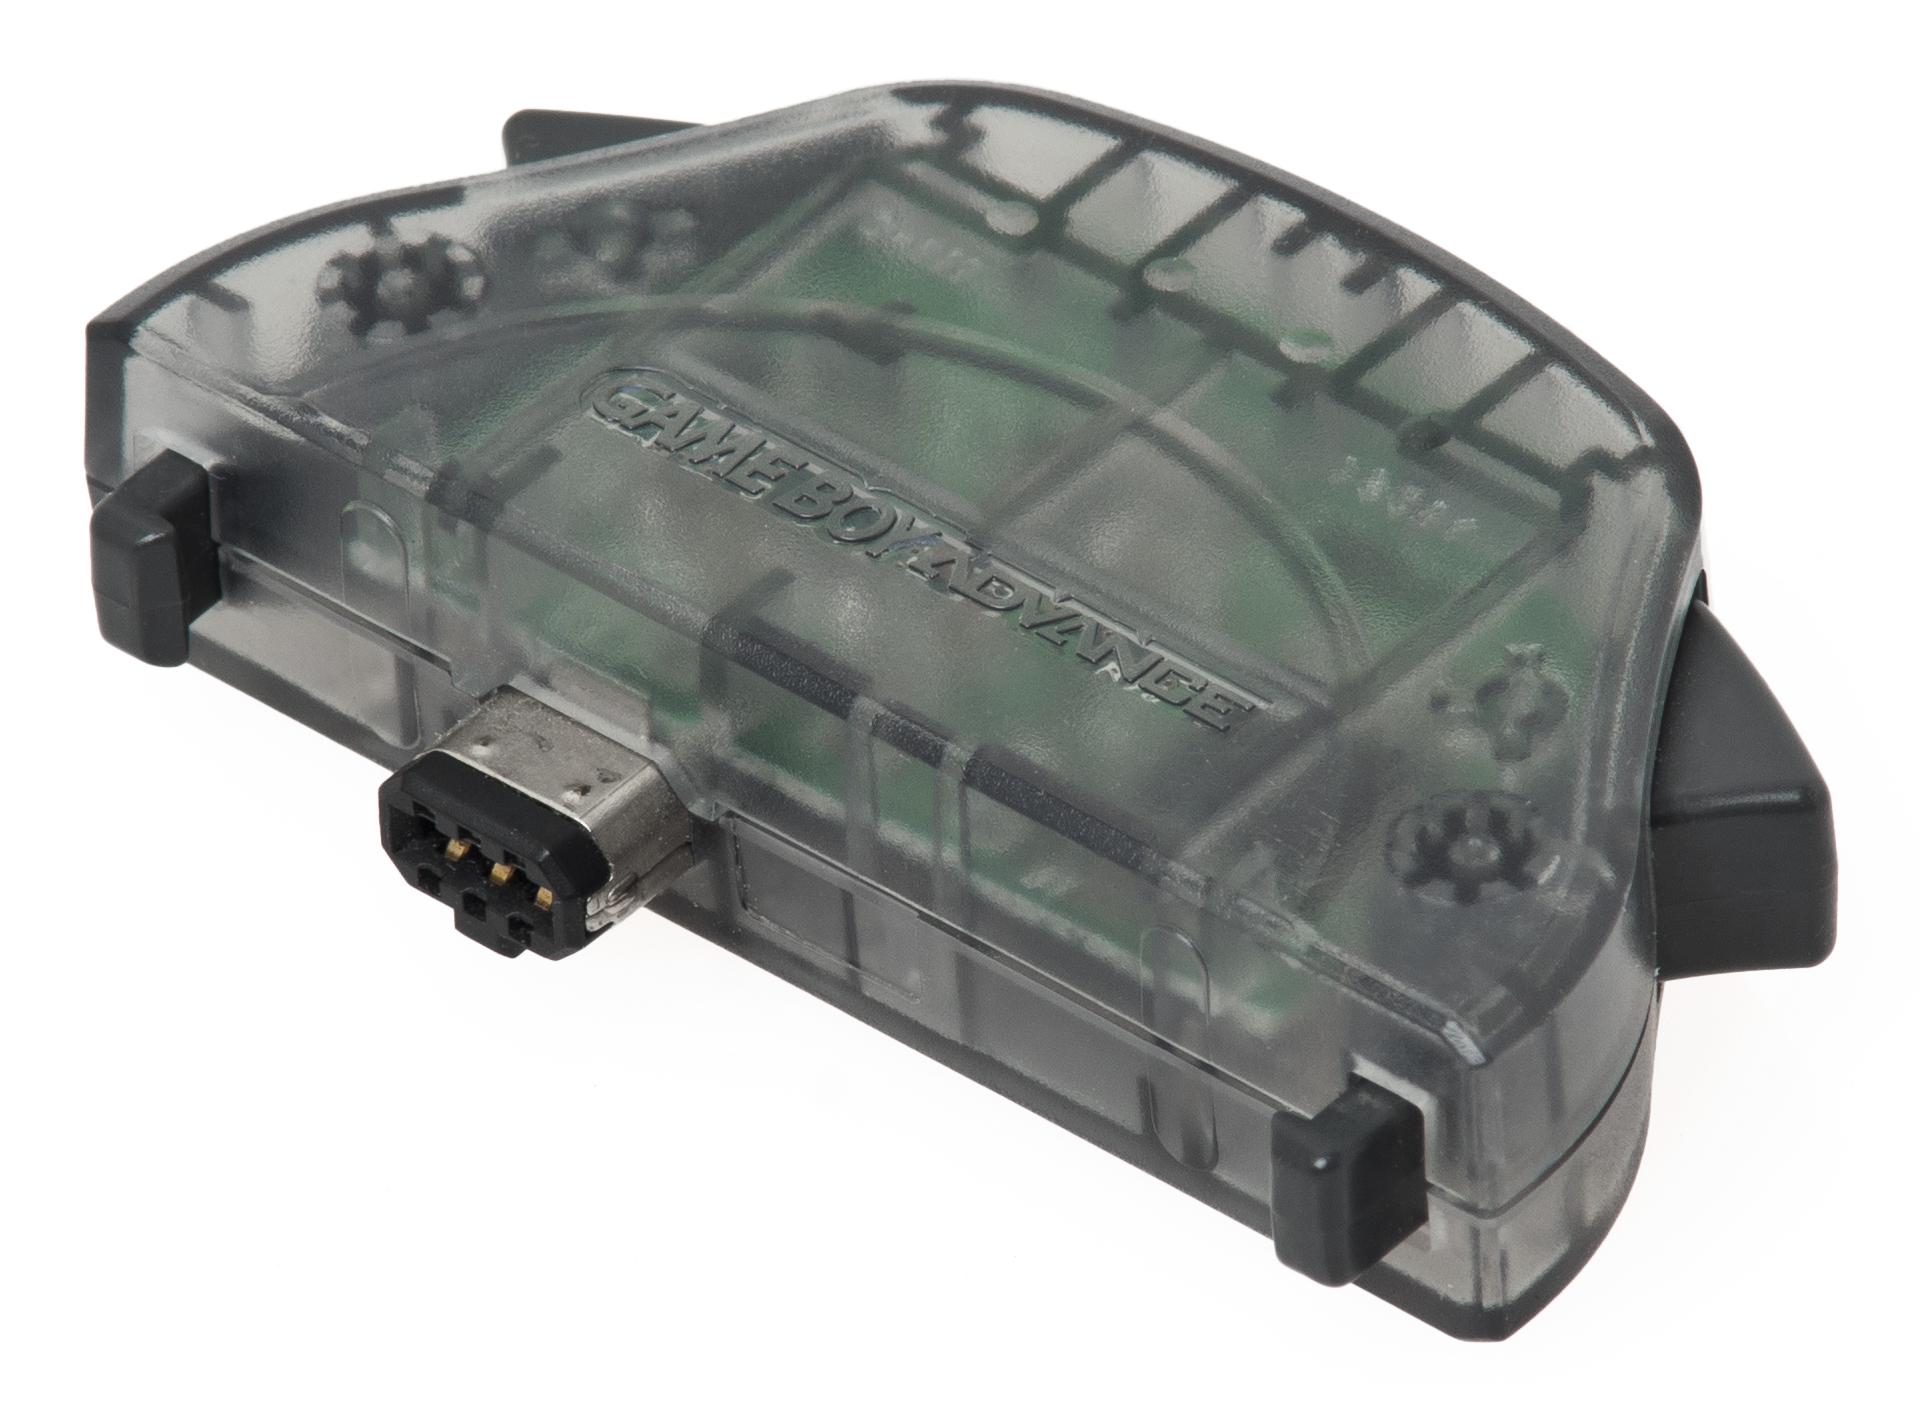 Game Boy Advance Wireless Adapter Wikipedia